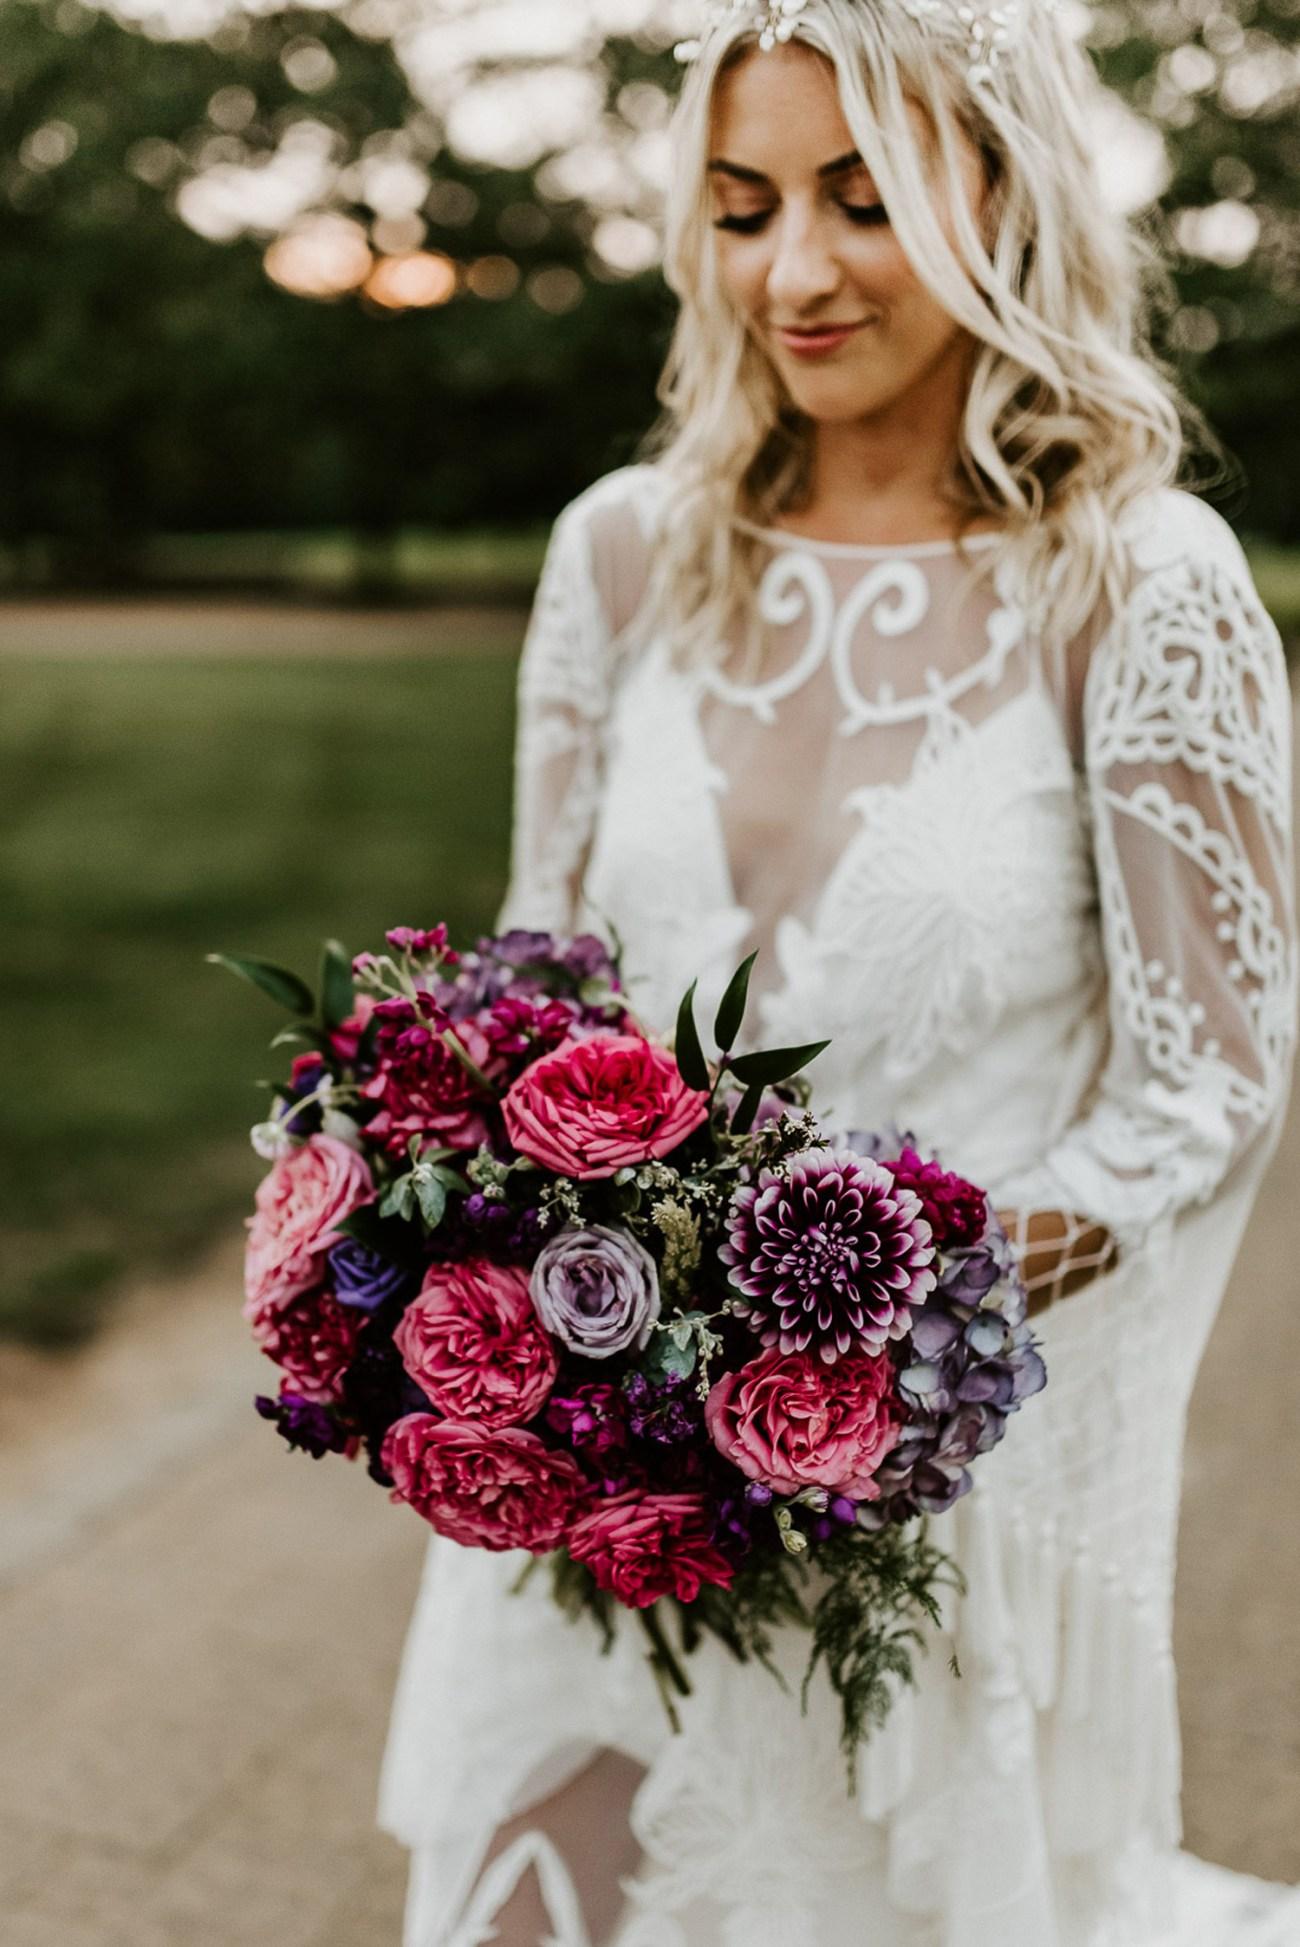 Boho-inspired wedding gown by Rue de Seine